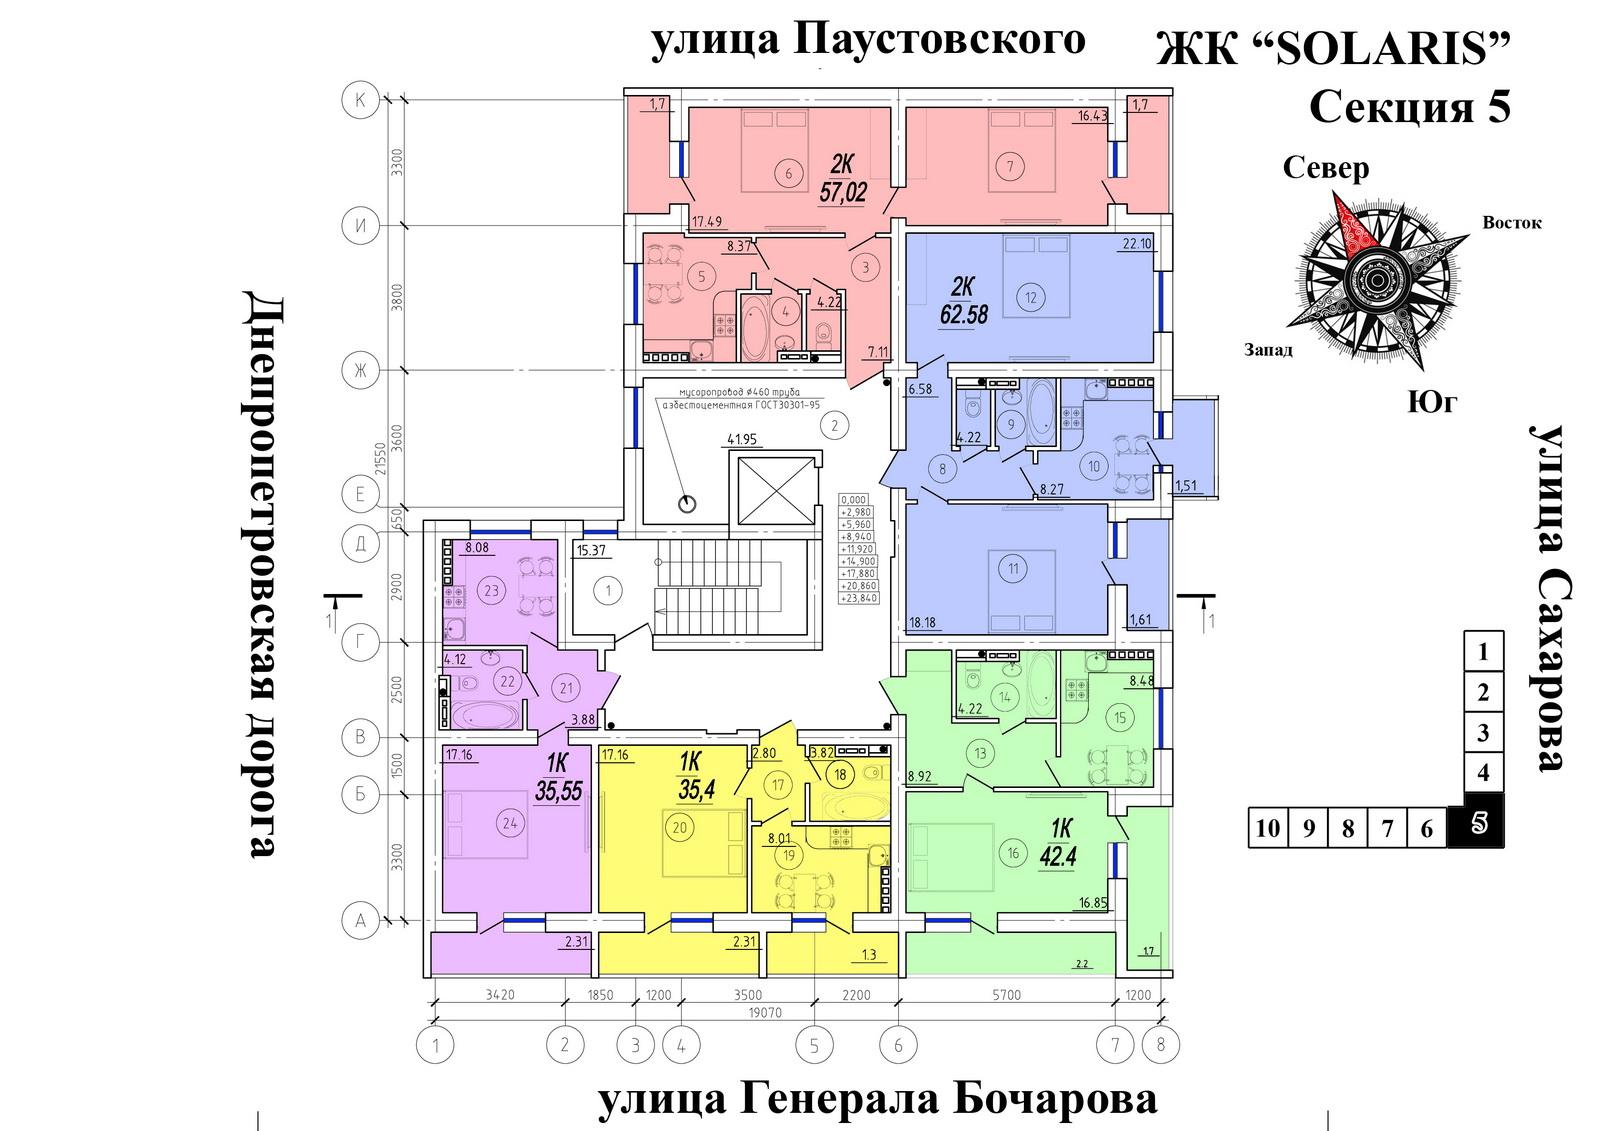 ЖК Солярис новострой Суворовский район секция 5